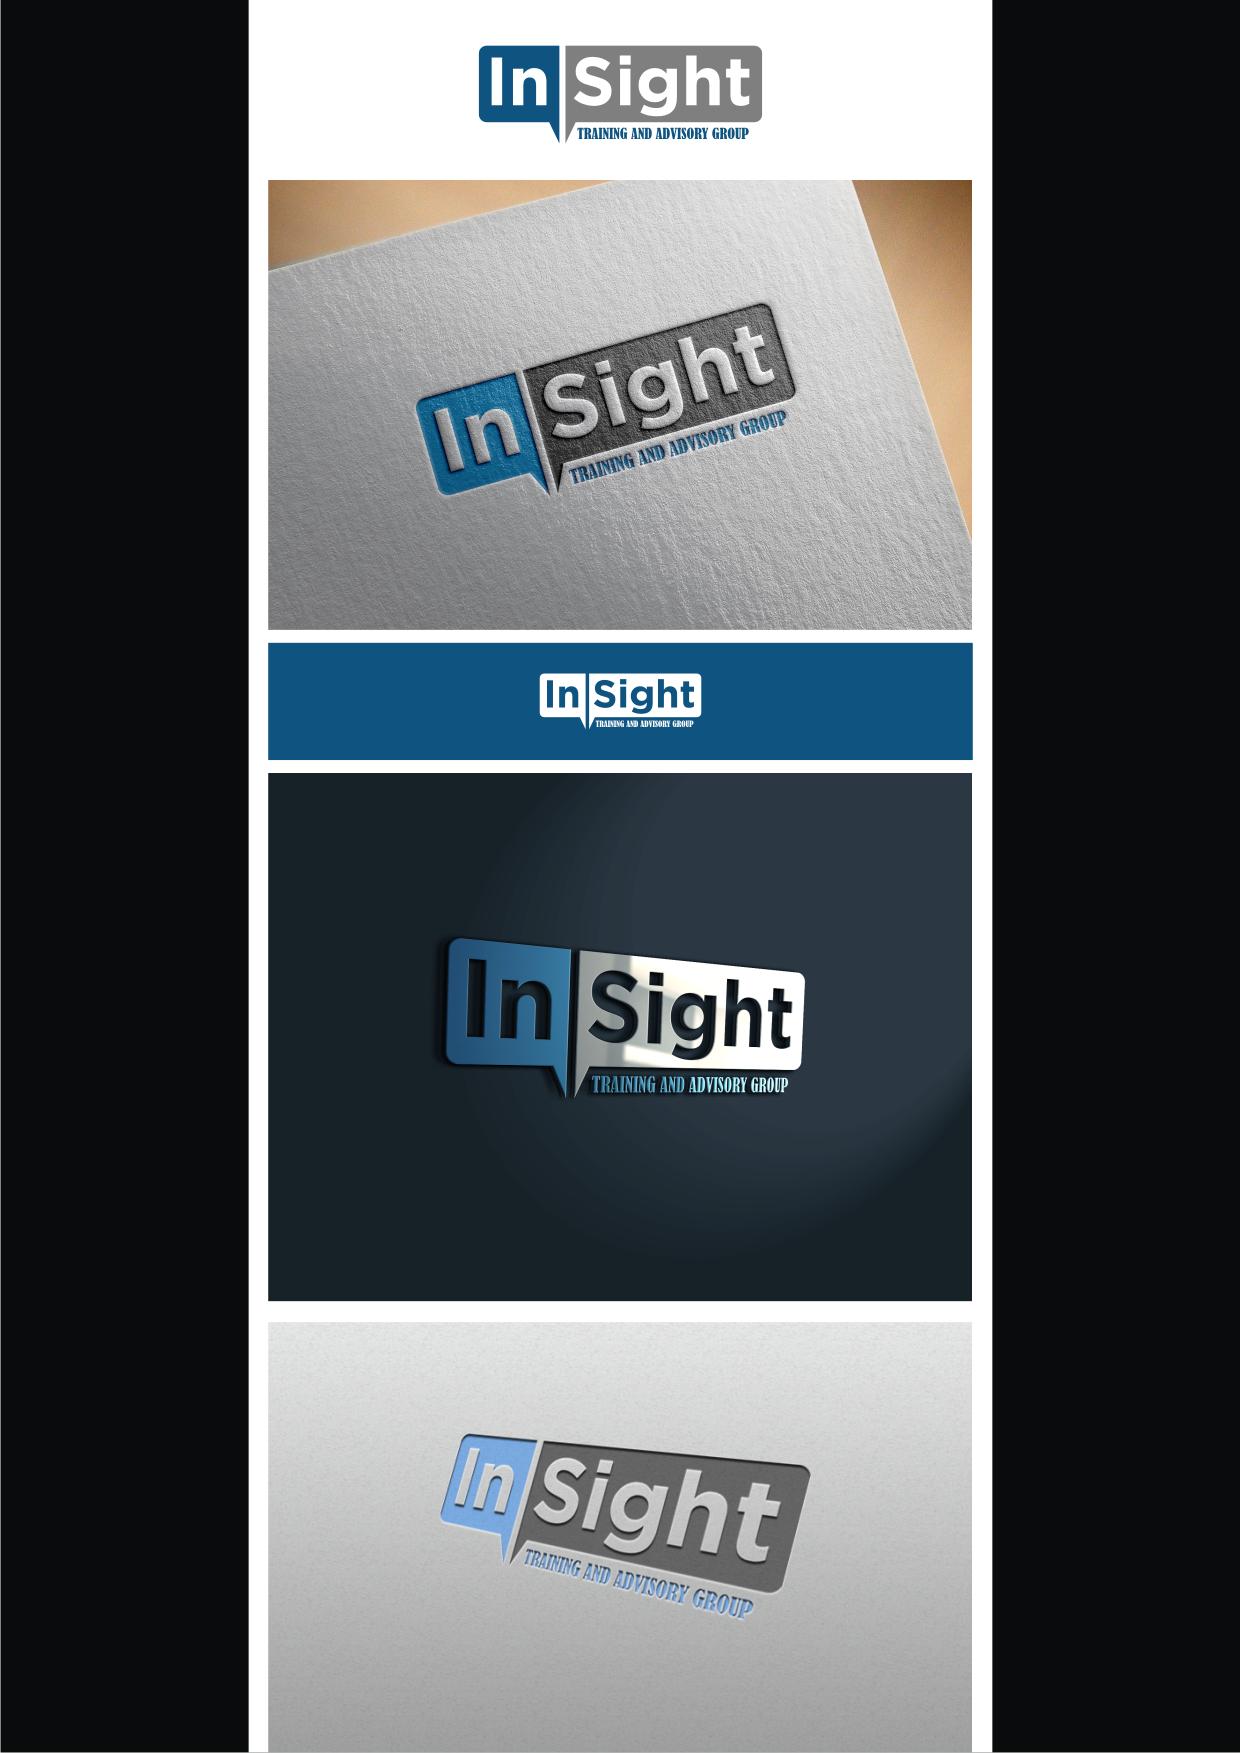 Generic logo designs sold | Speech bubble square logo design sold ... for Square Logo Design Inspiration  56mzq